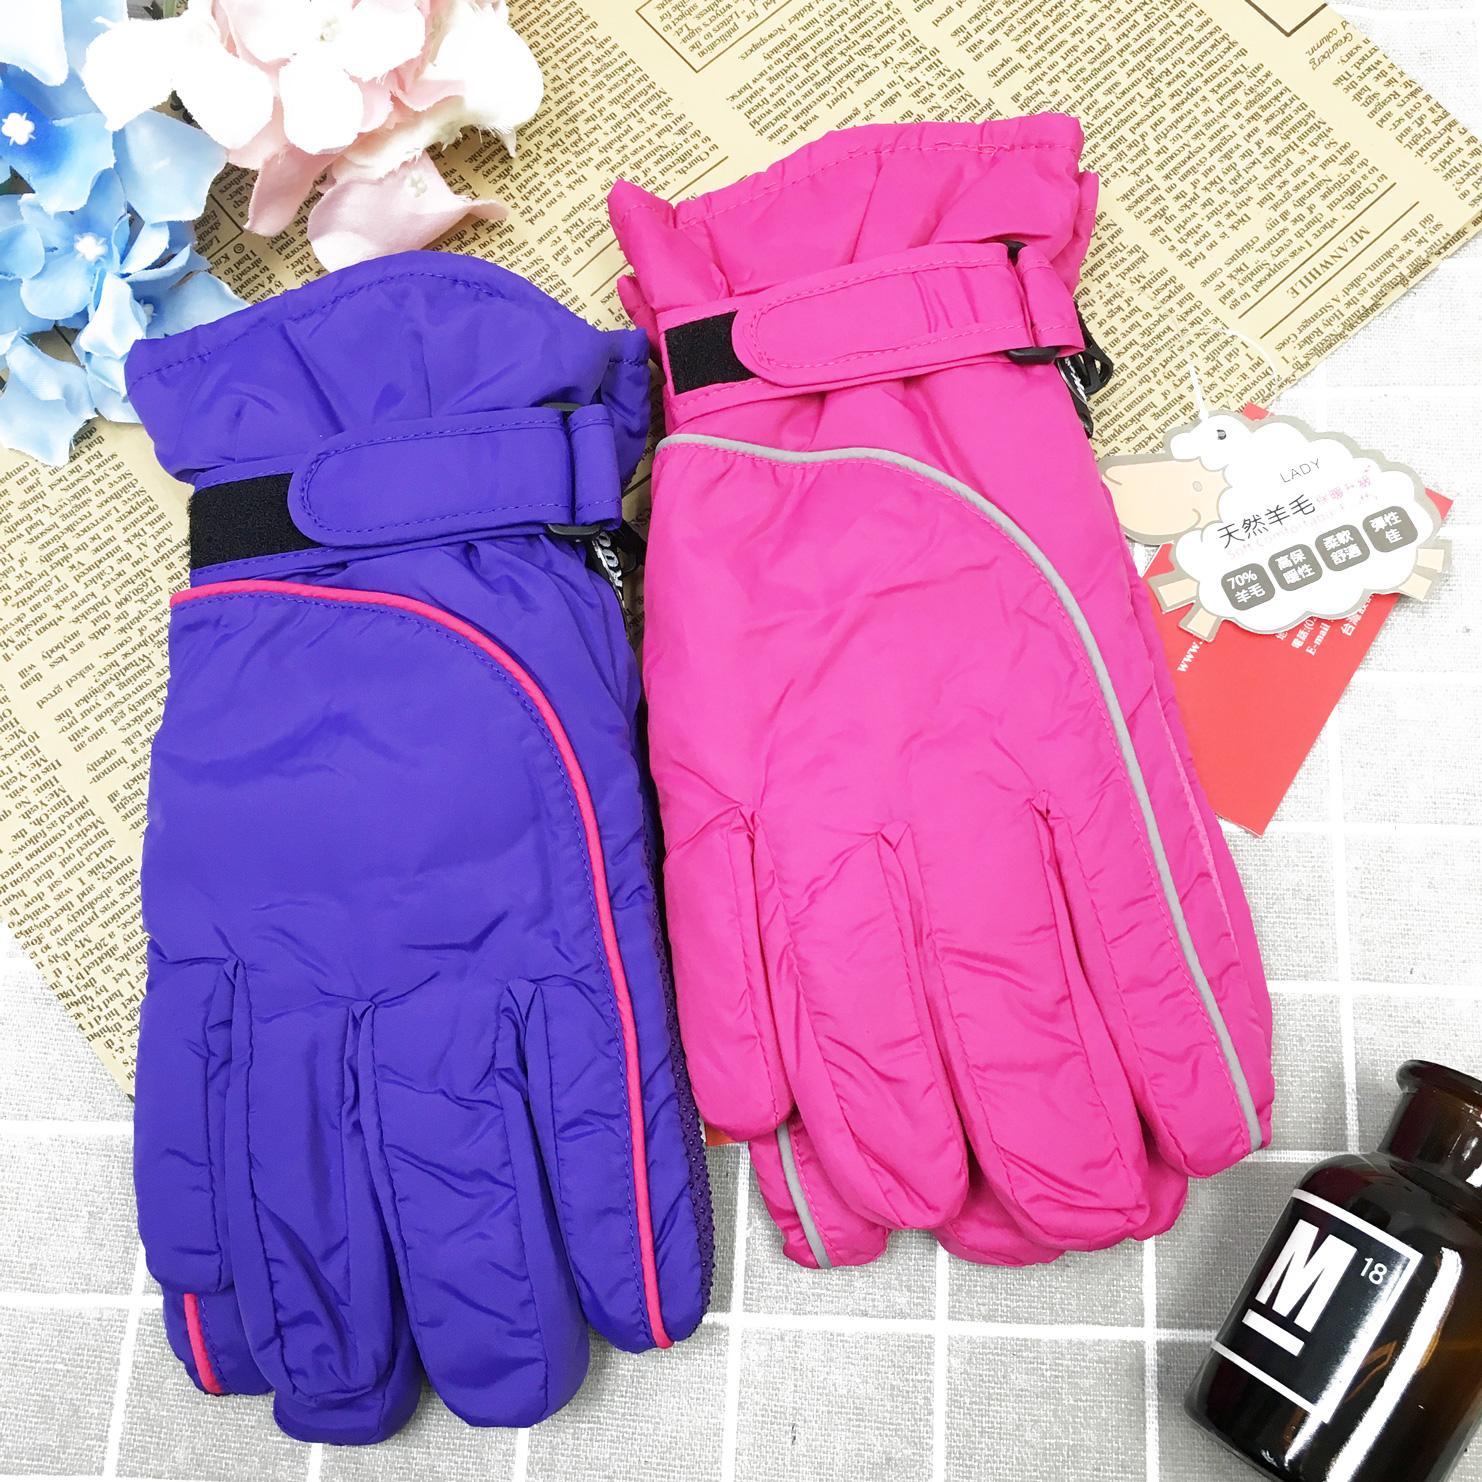 防風手套 防水 素色 混羊毛 內刷毛 保暖 防滑 2色 手套